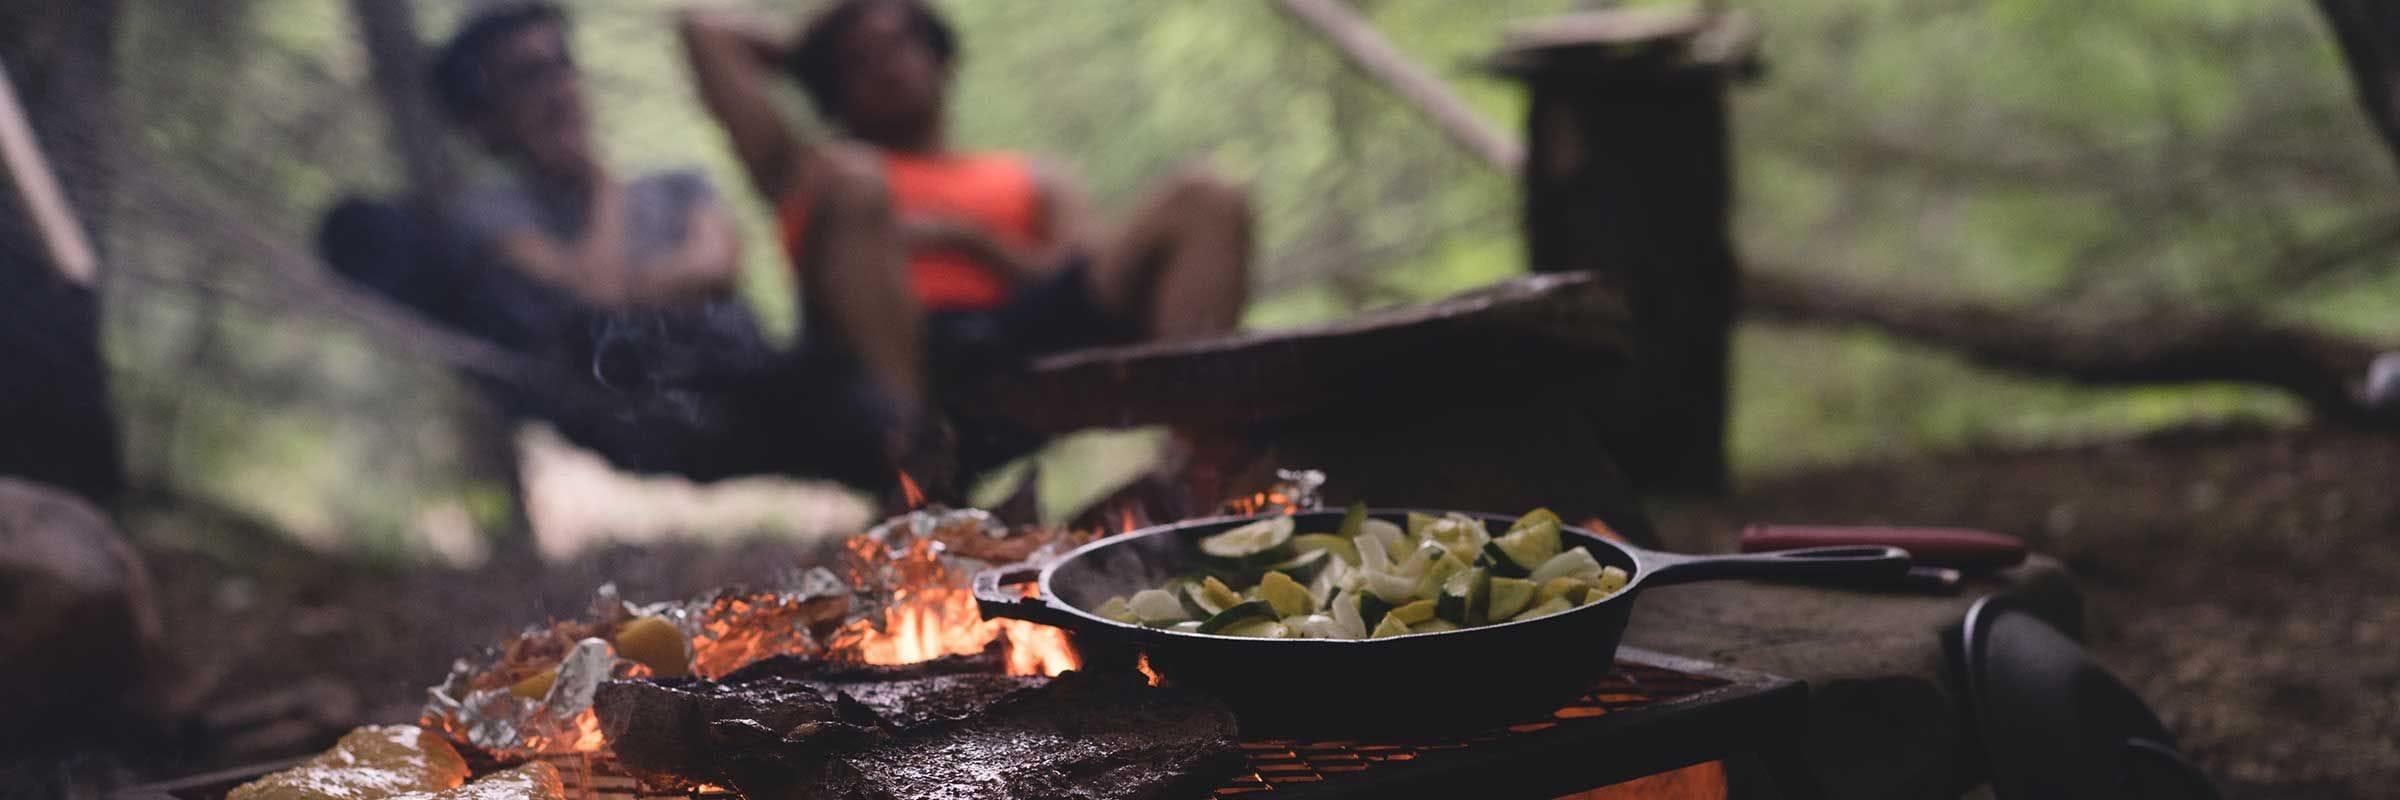 camp fire hack